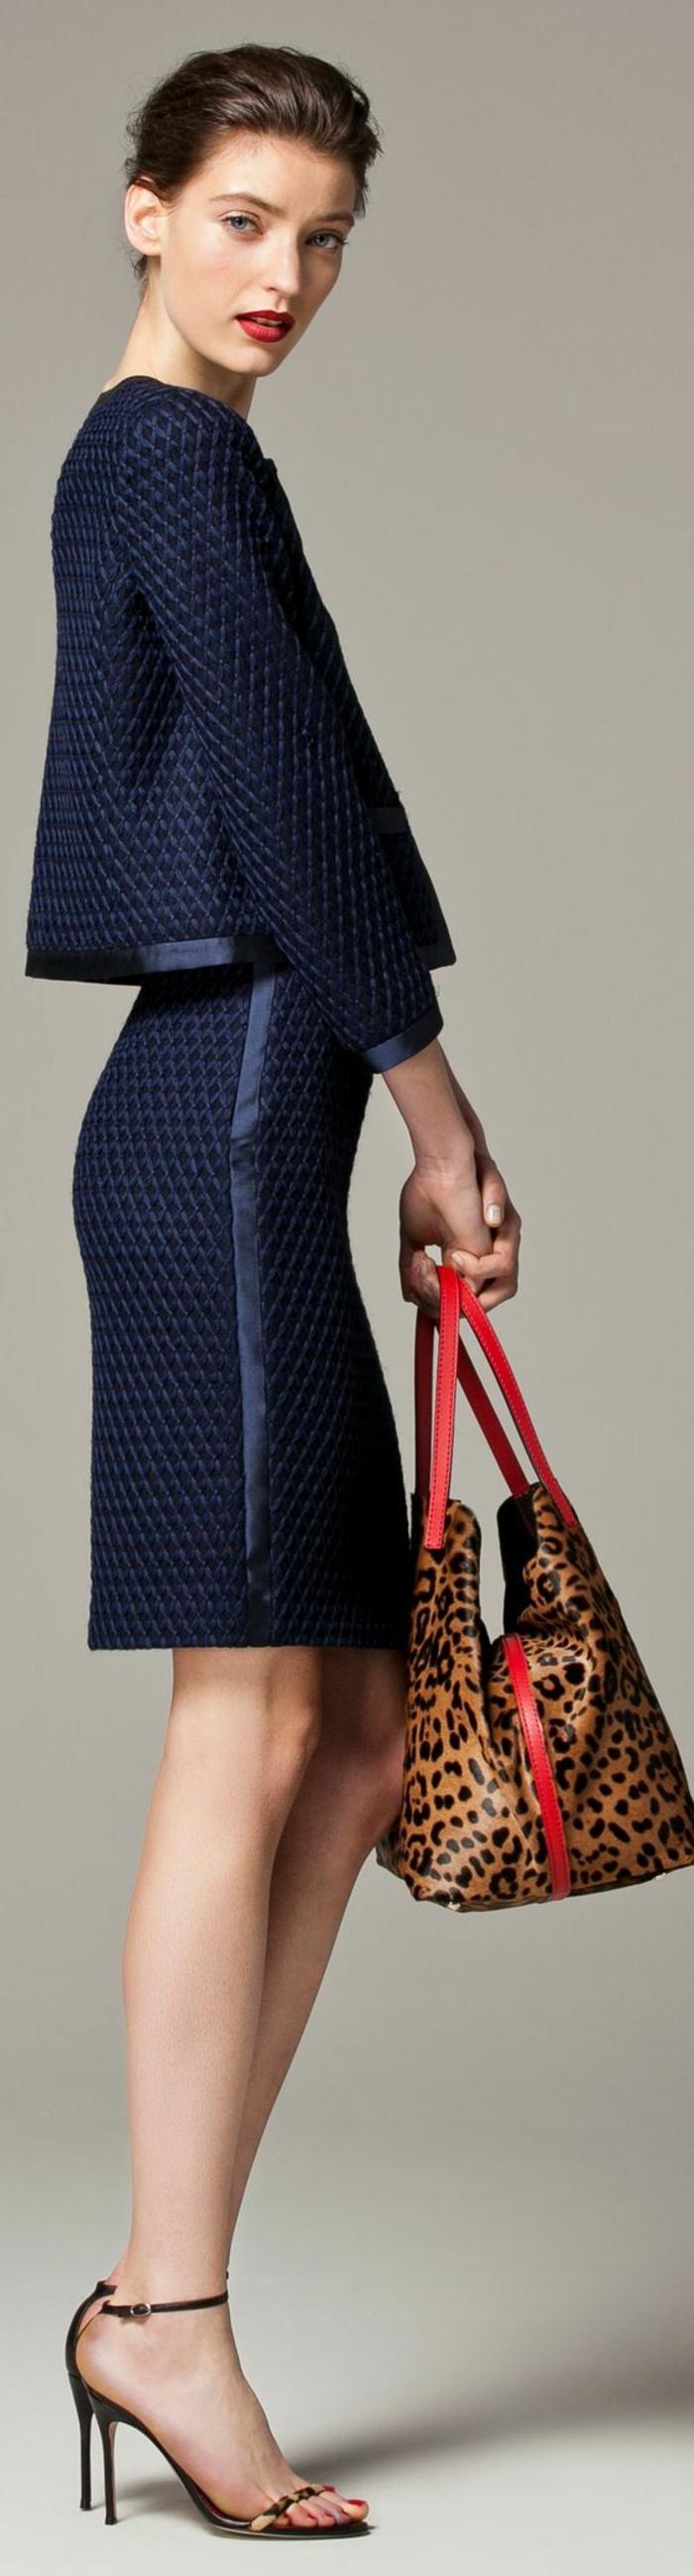 tenue de mariage femme en bleu marine jupe longueur mini et veste style boléro, sac aux motifs léopard, avec des sandales noires